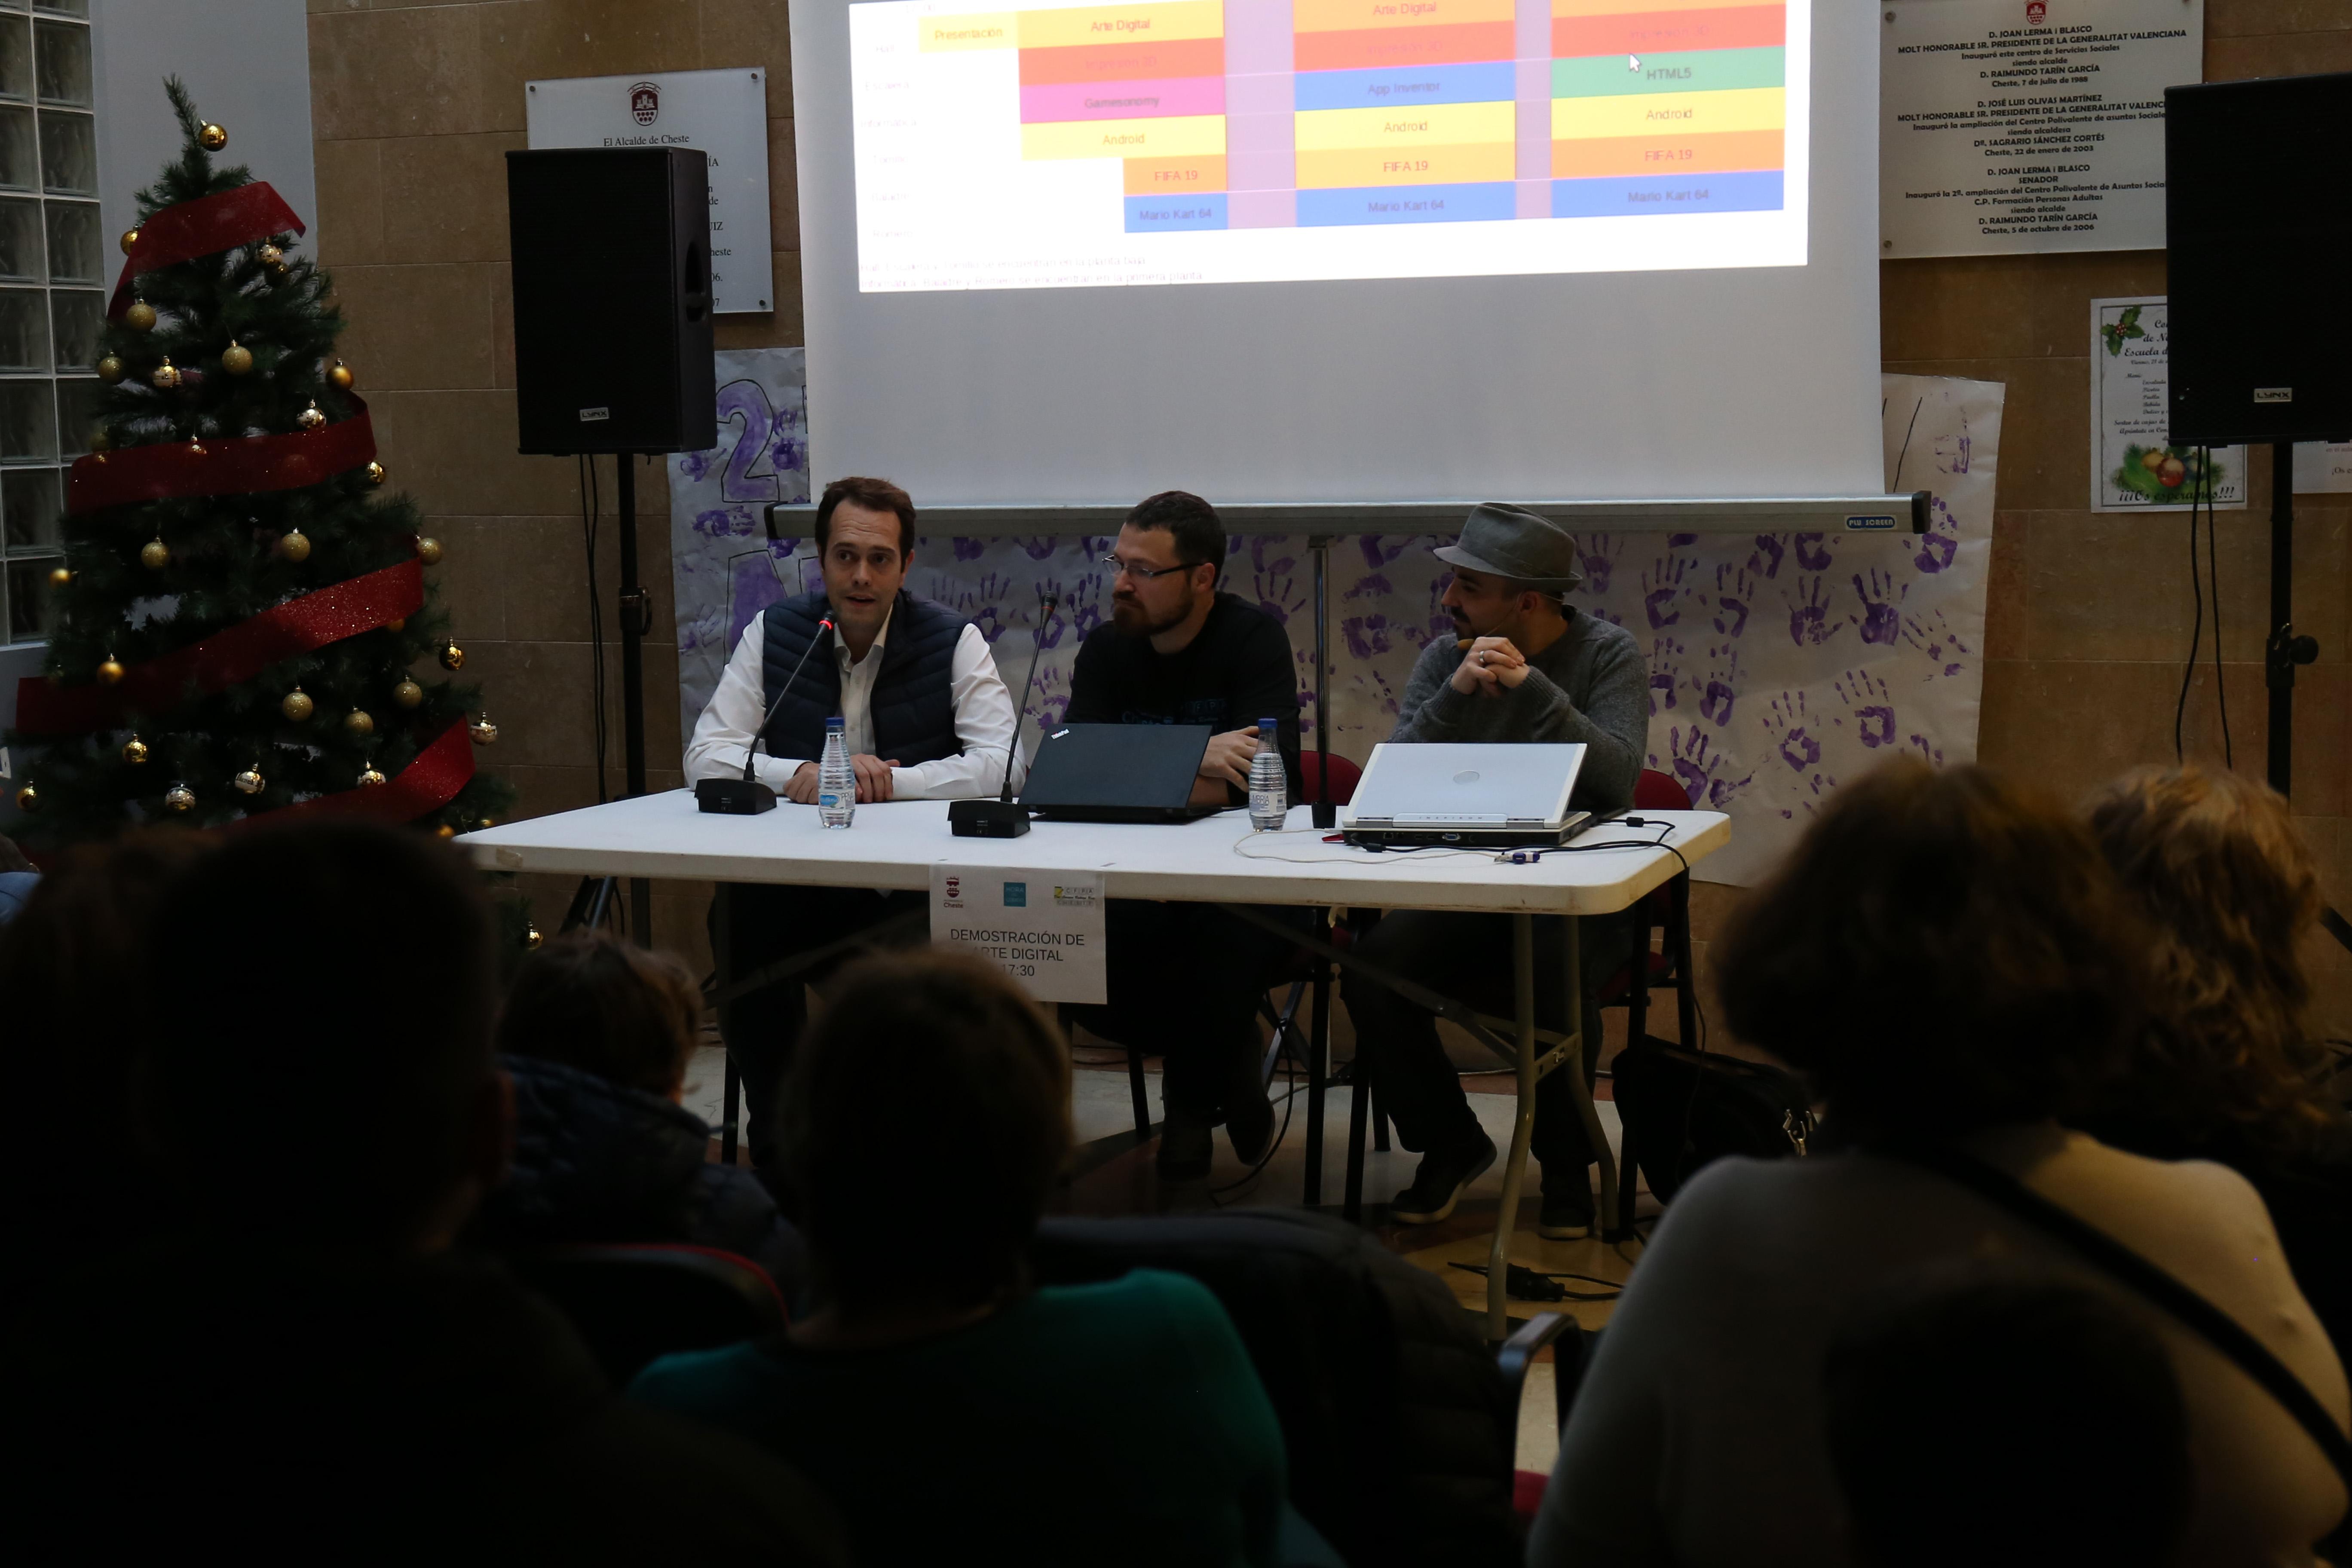 La presentación del evento contó con la presencia del alcalde de Cheste y concejal de Juventud, José Morell.